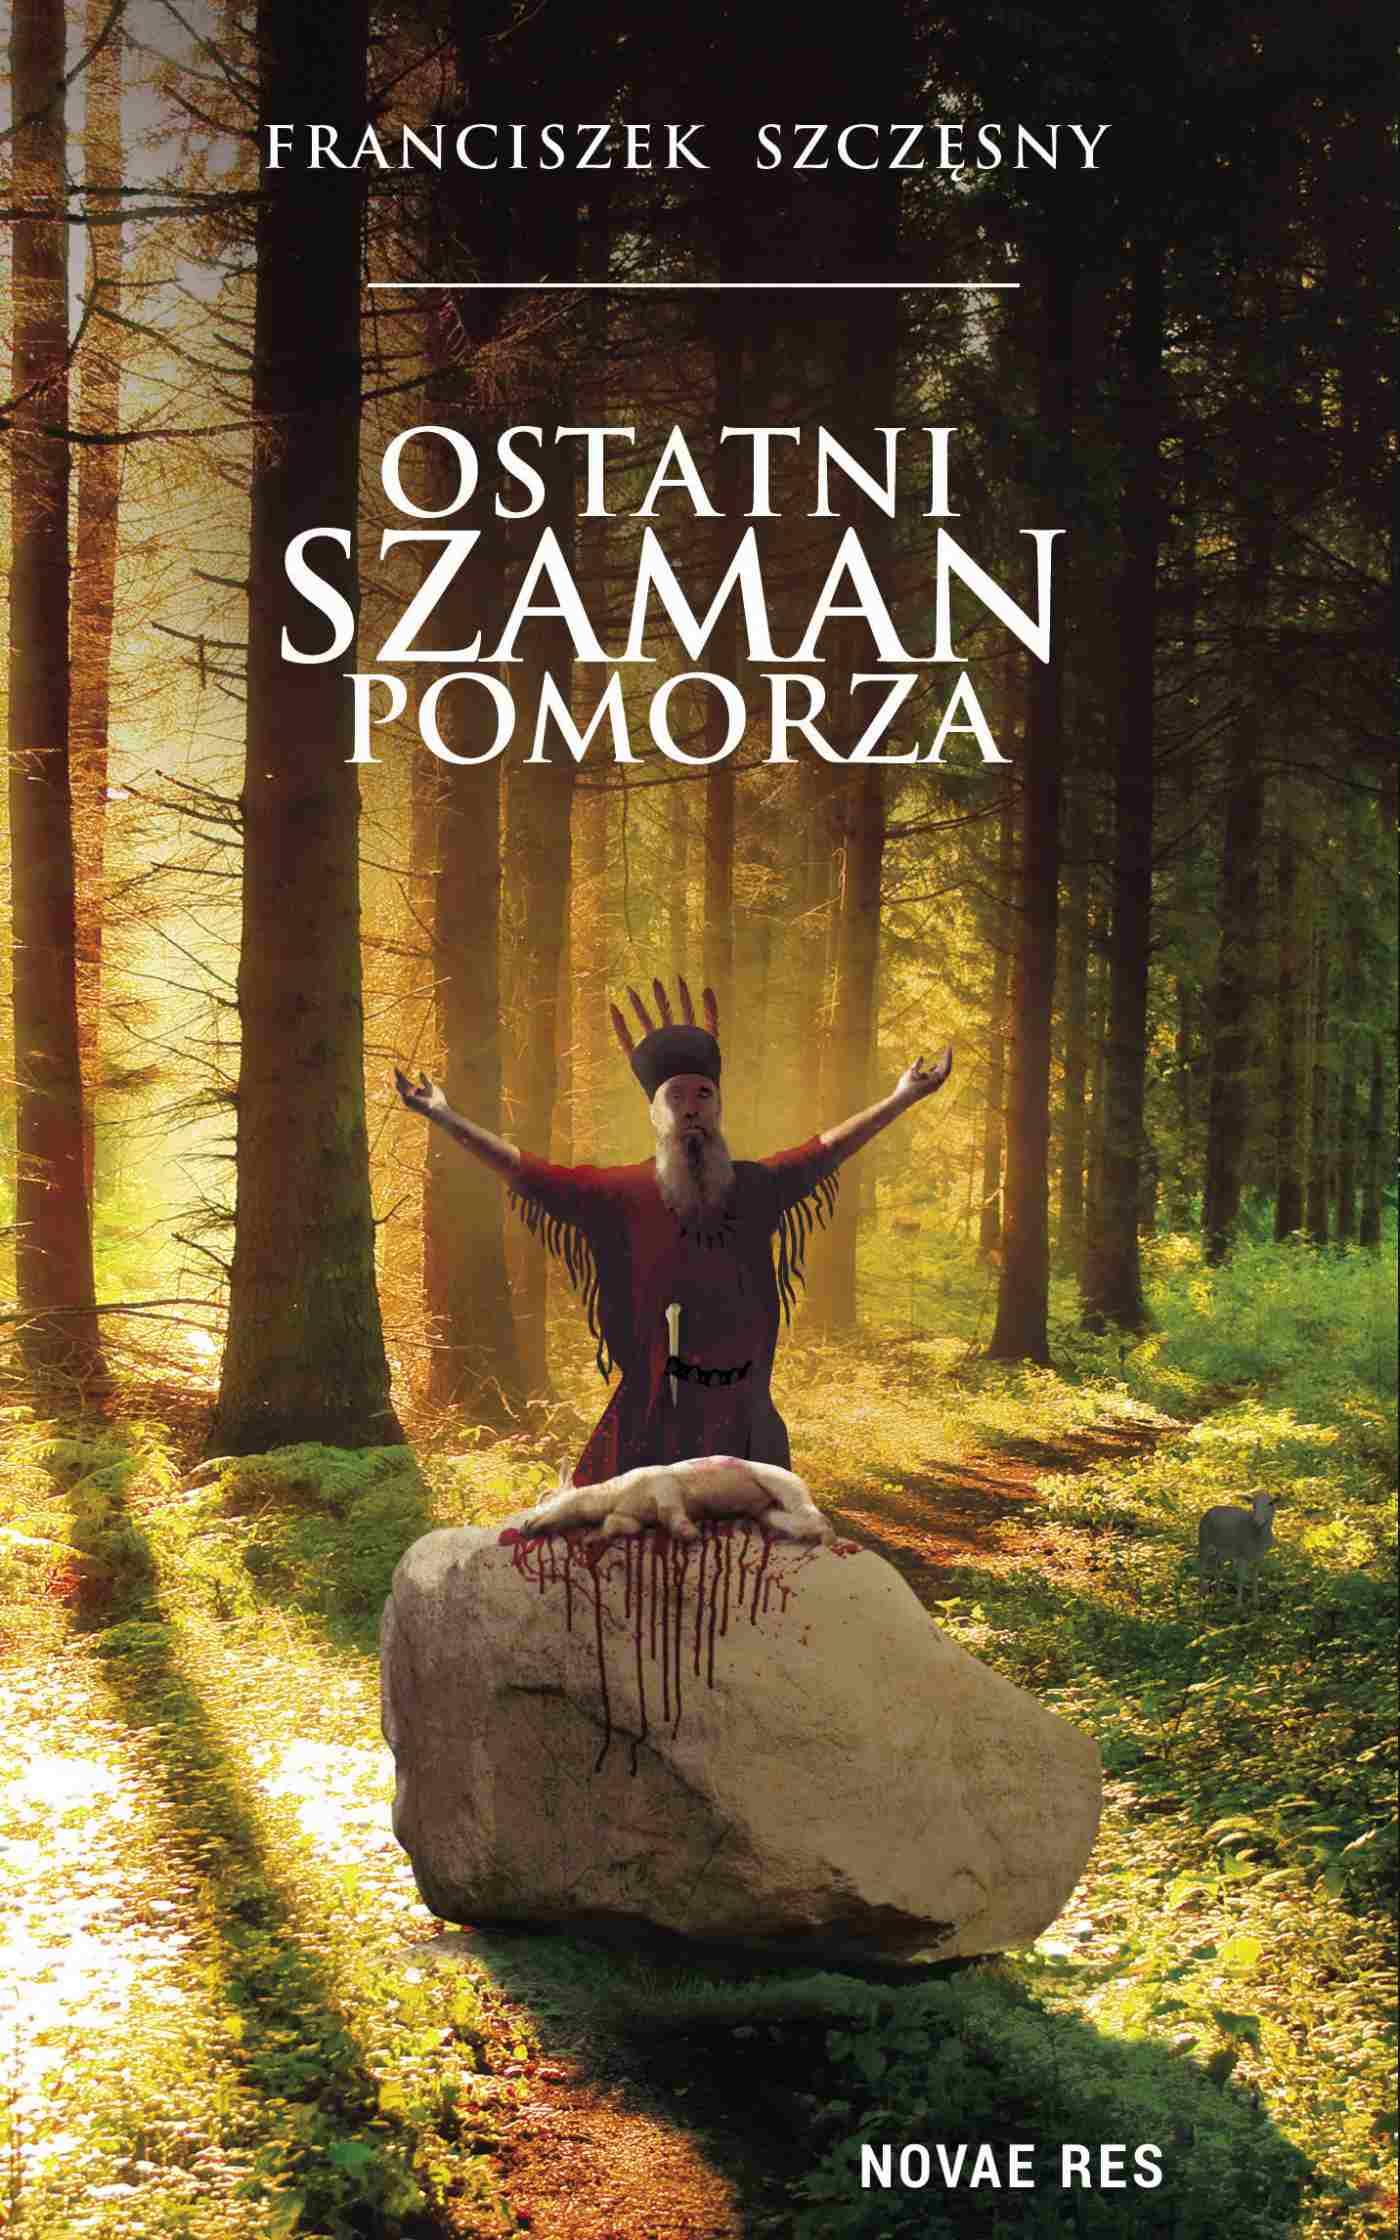 Franciszek Szczęsny - Ebook (Książka na Kindle) do pobrania w formacie MOBI